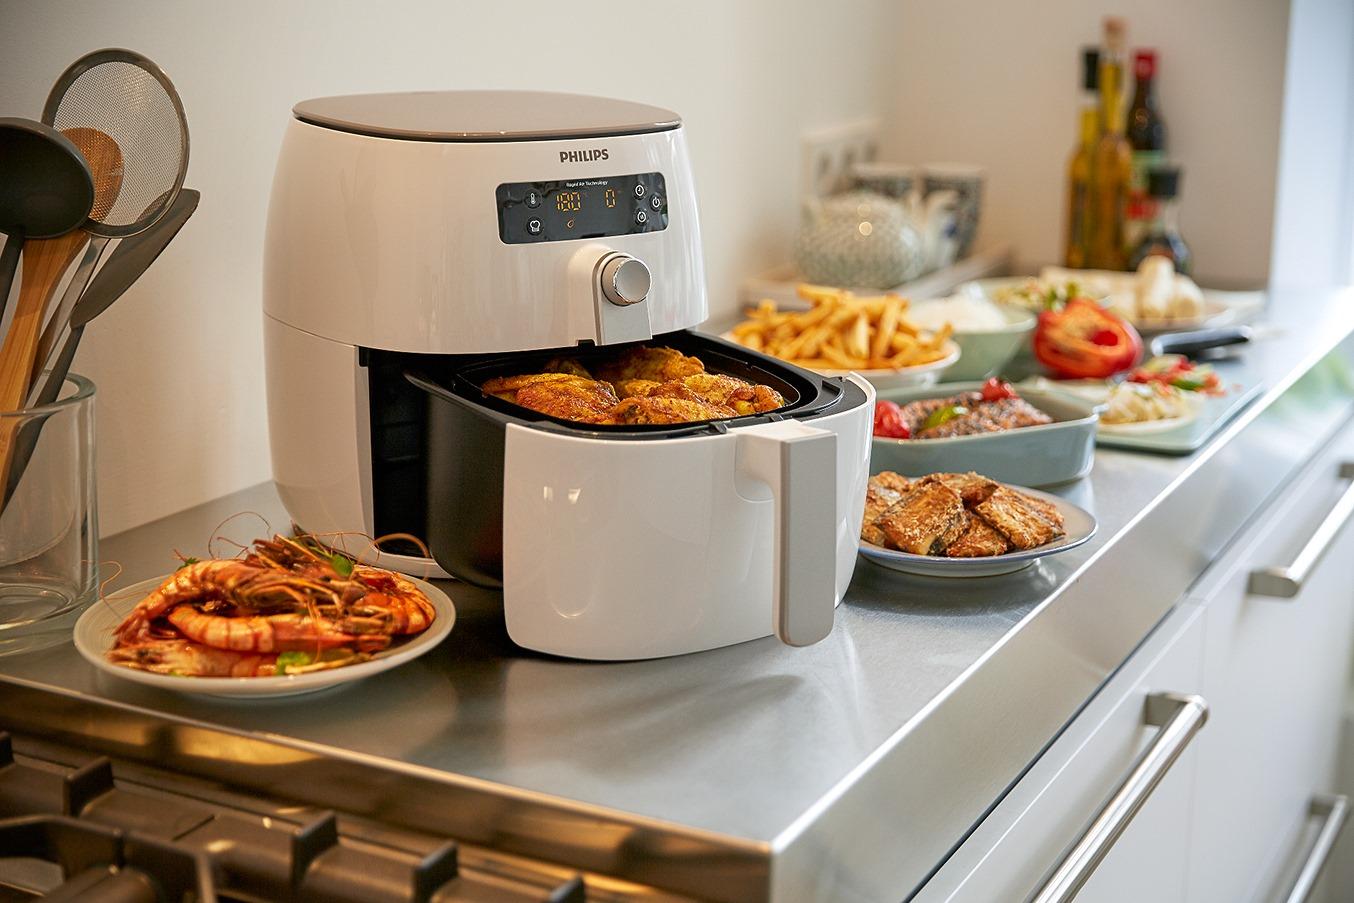 自煮防疫的好幫手:盤點水波爐、氣炸鍋、麵包機等新型廚房小家電優缺點,你家也需要一台嗎?